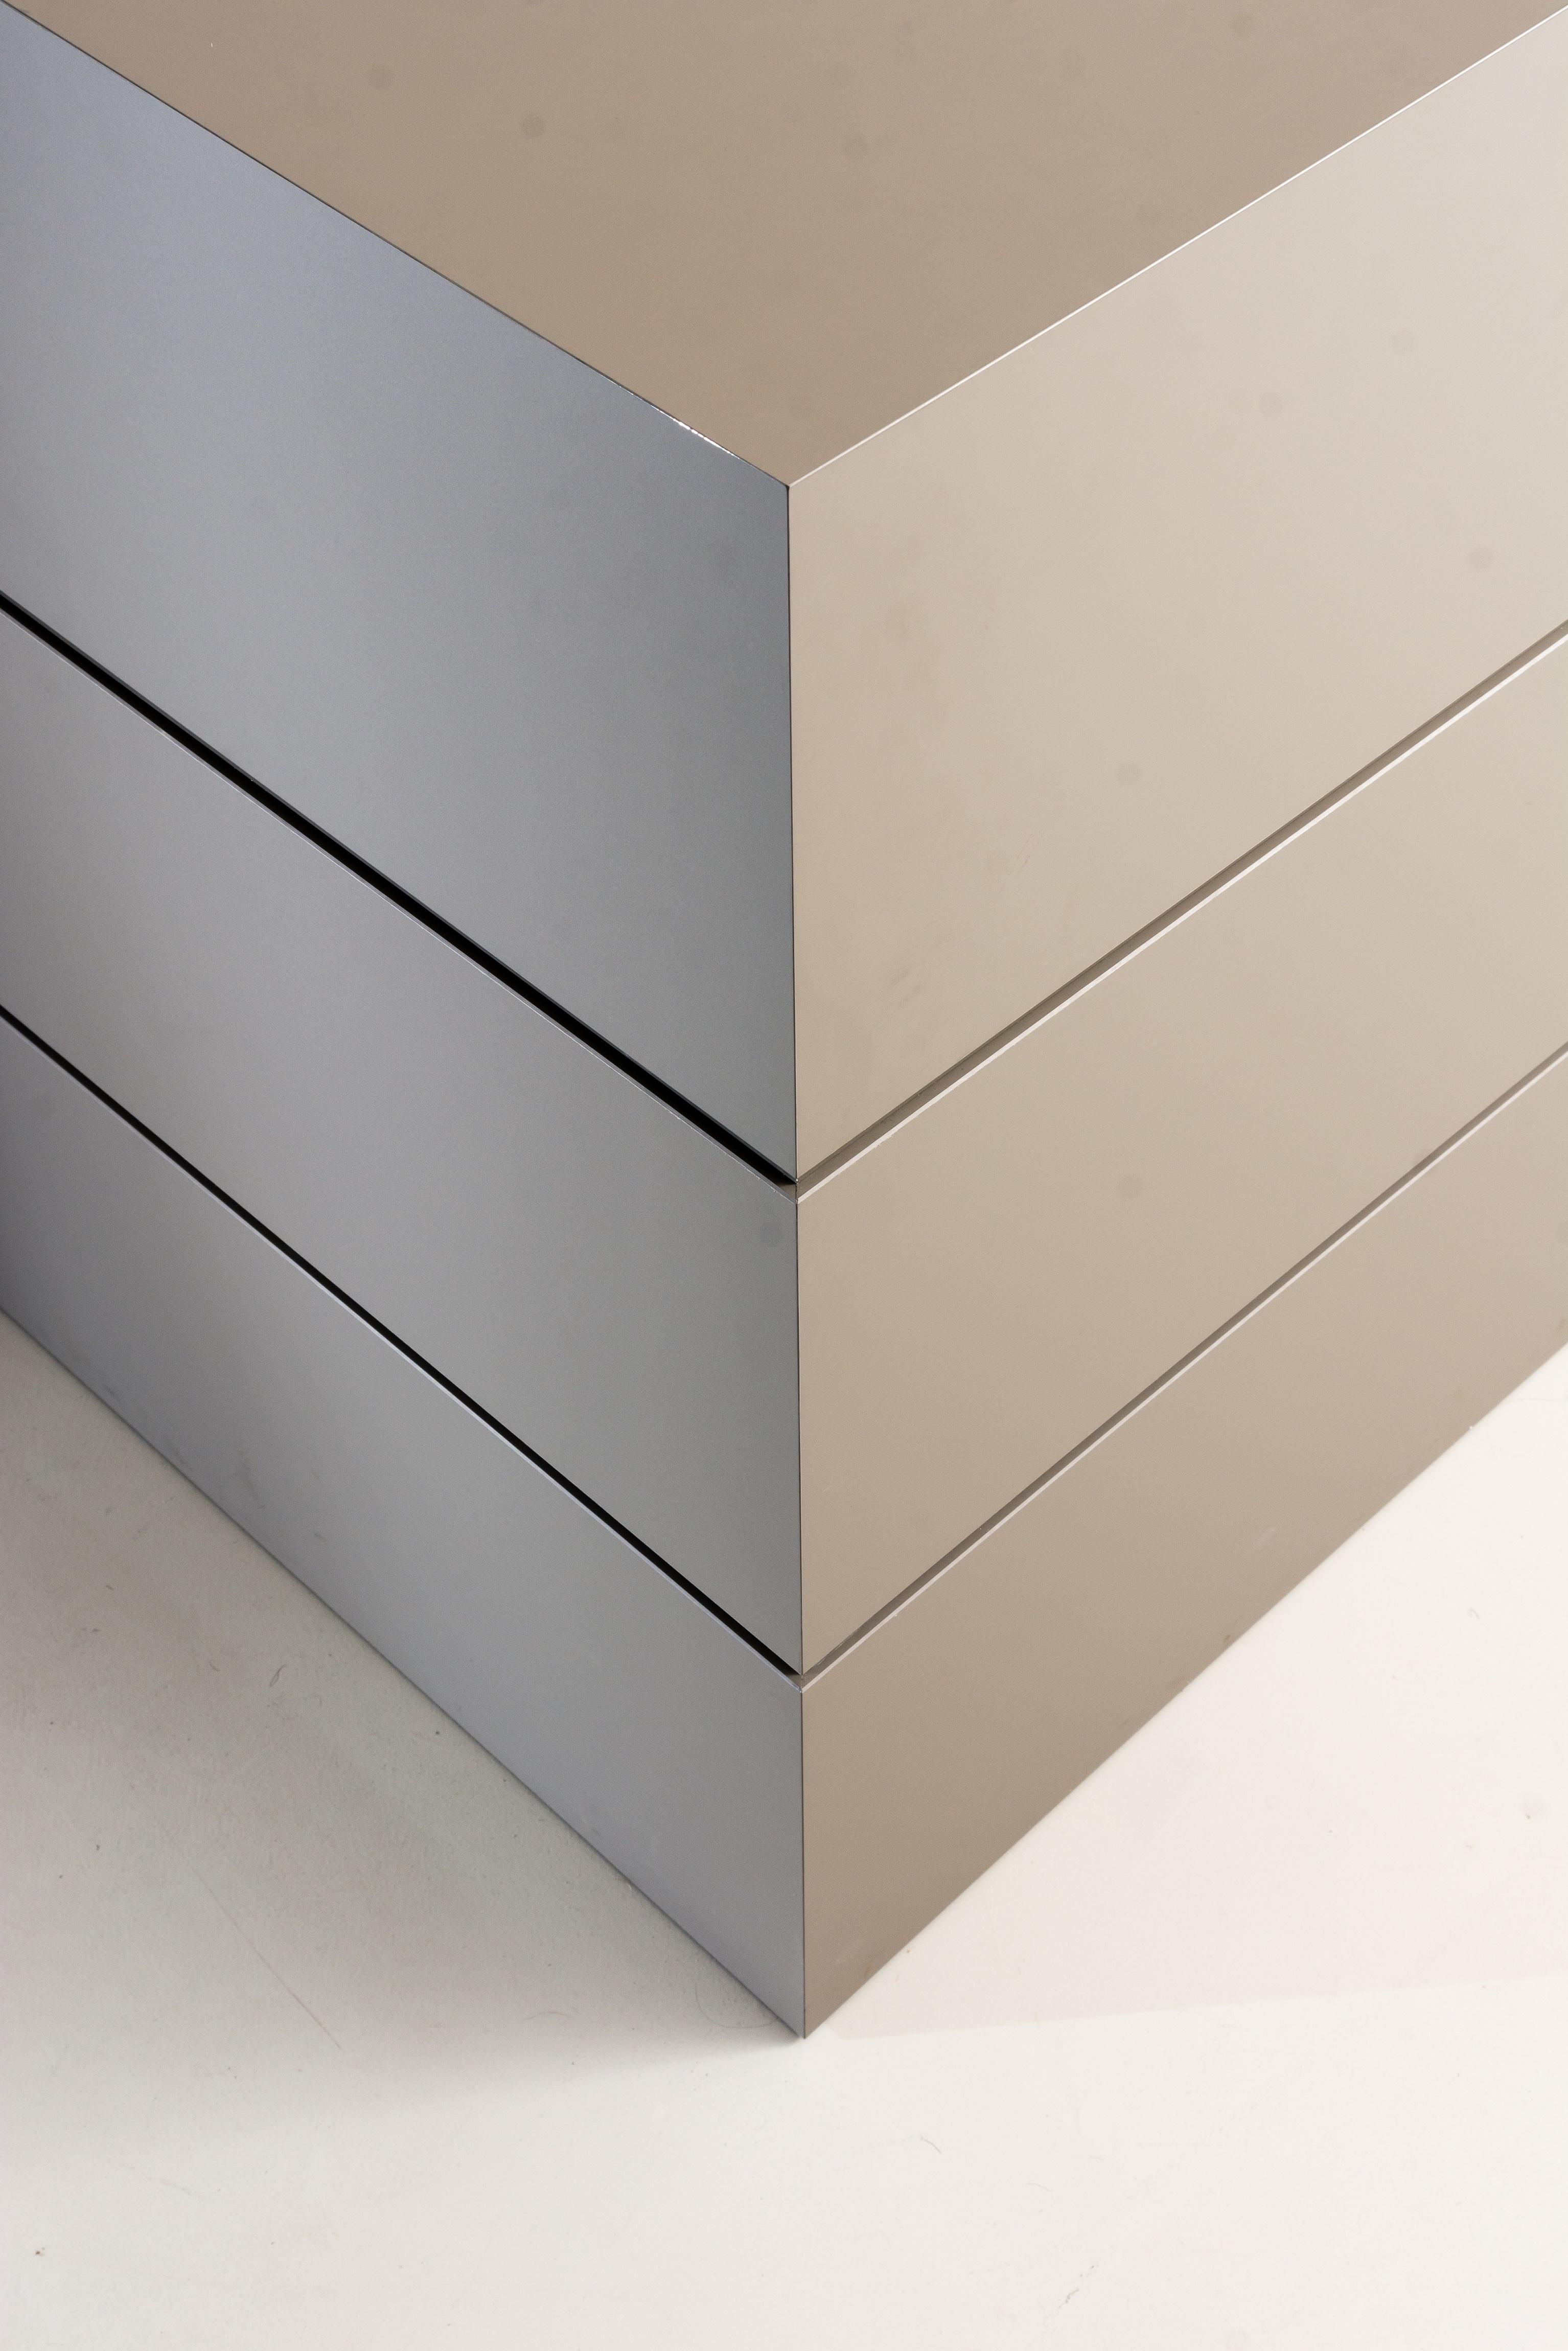 personnaliser sa d co avec le fenix architecte d 39 int rieur paris. Black Bedroom Furniture Sets. Home Design Ideas